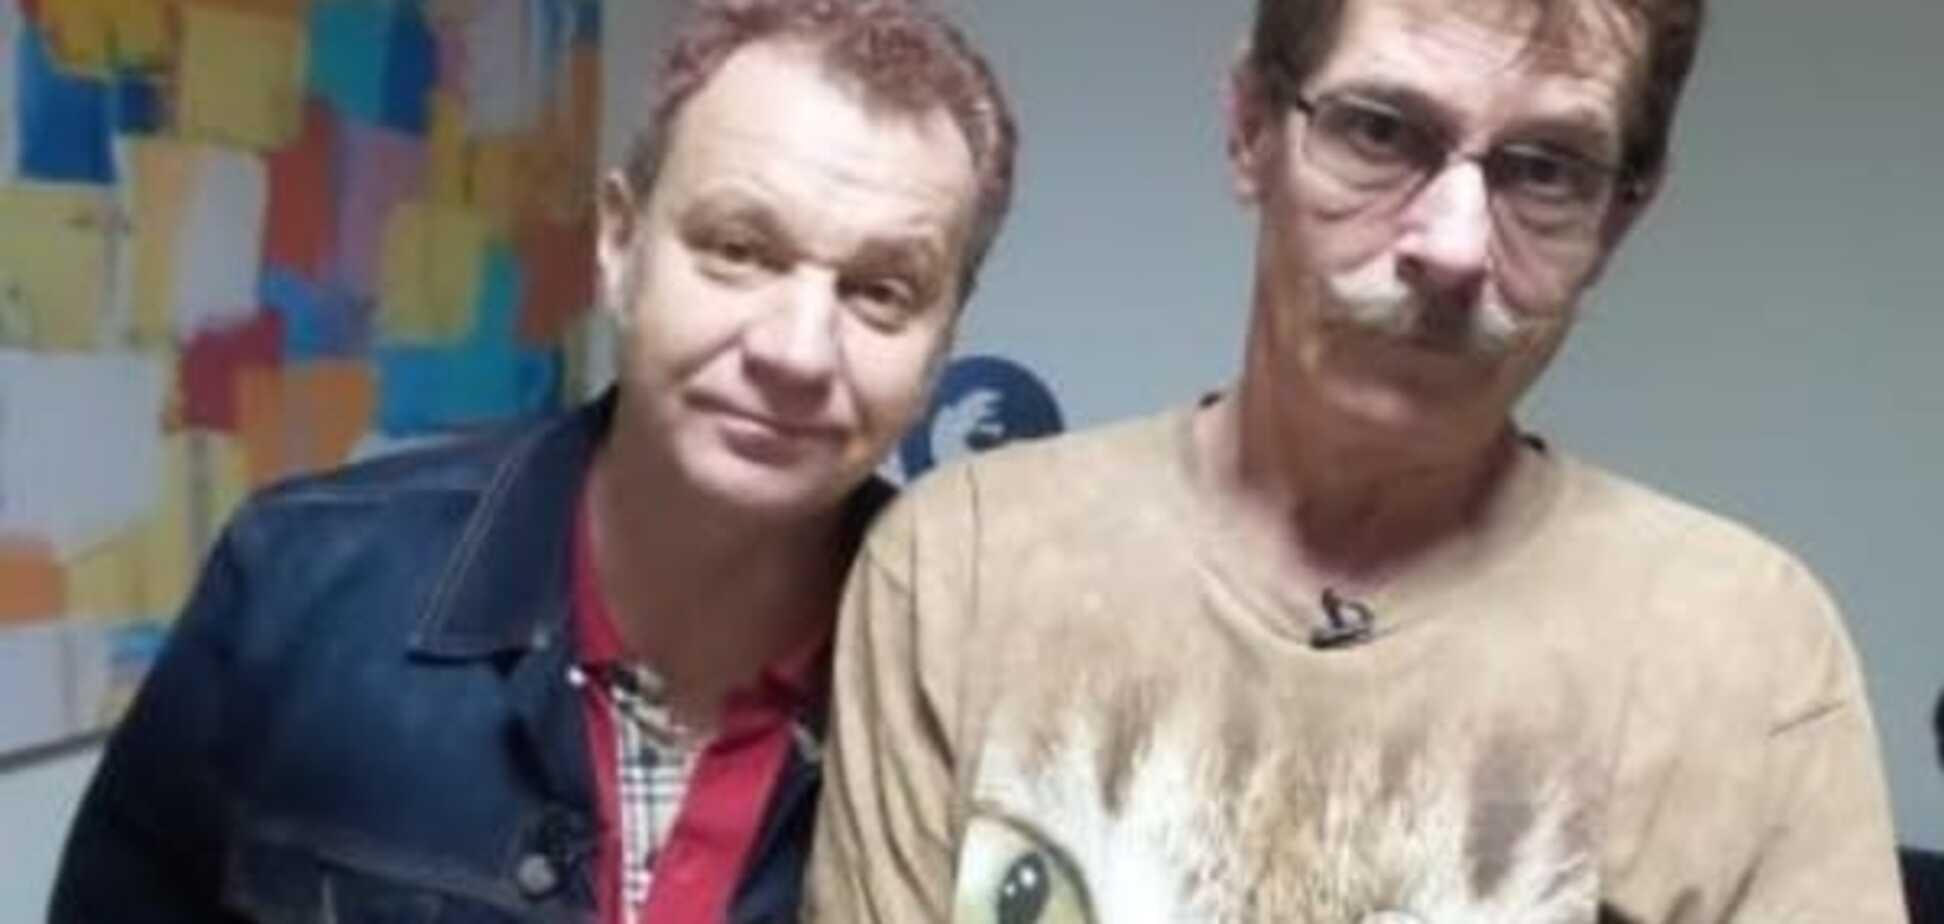 Барский и Делиев рассказали, как 'Маски' стали пророками в политике